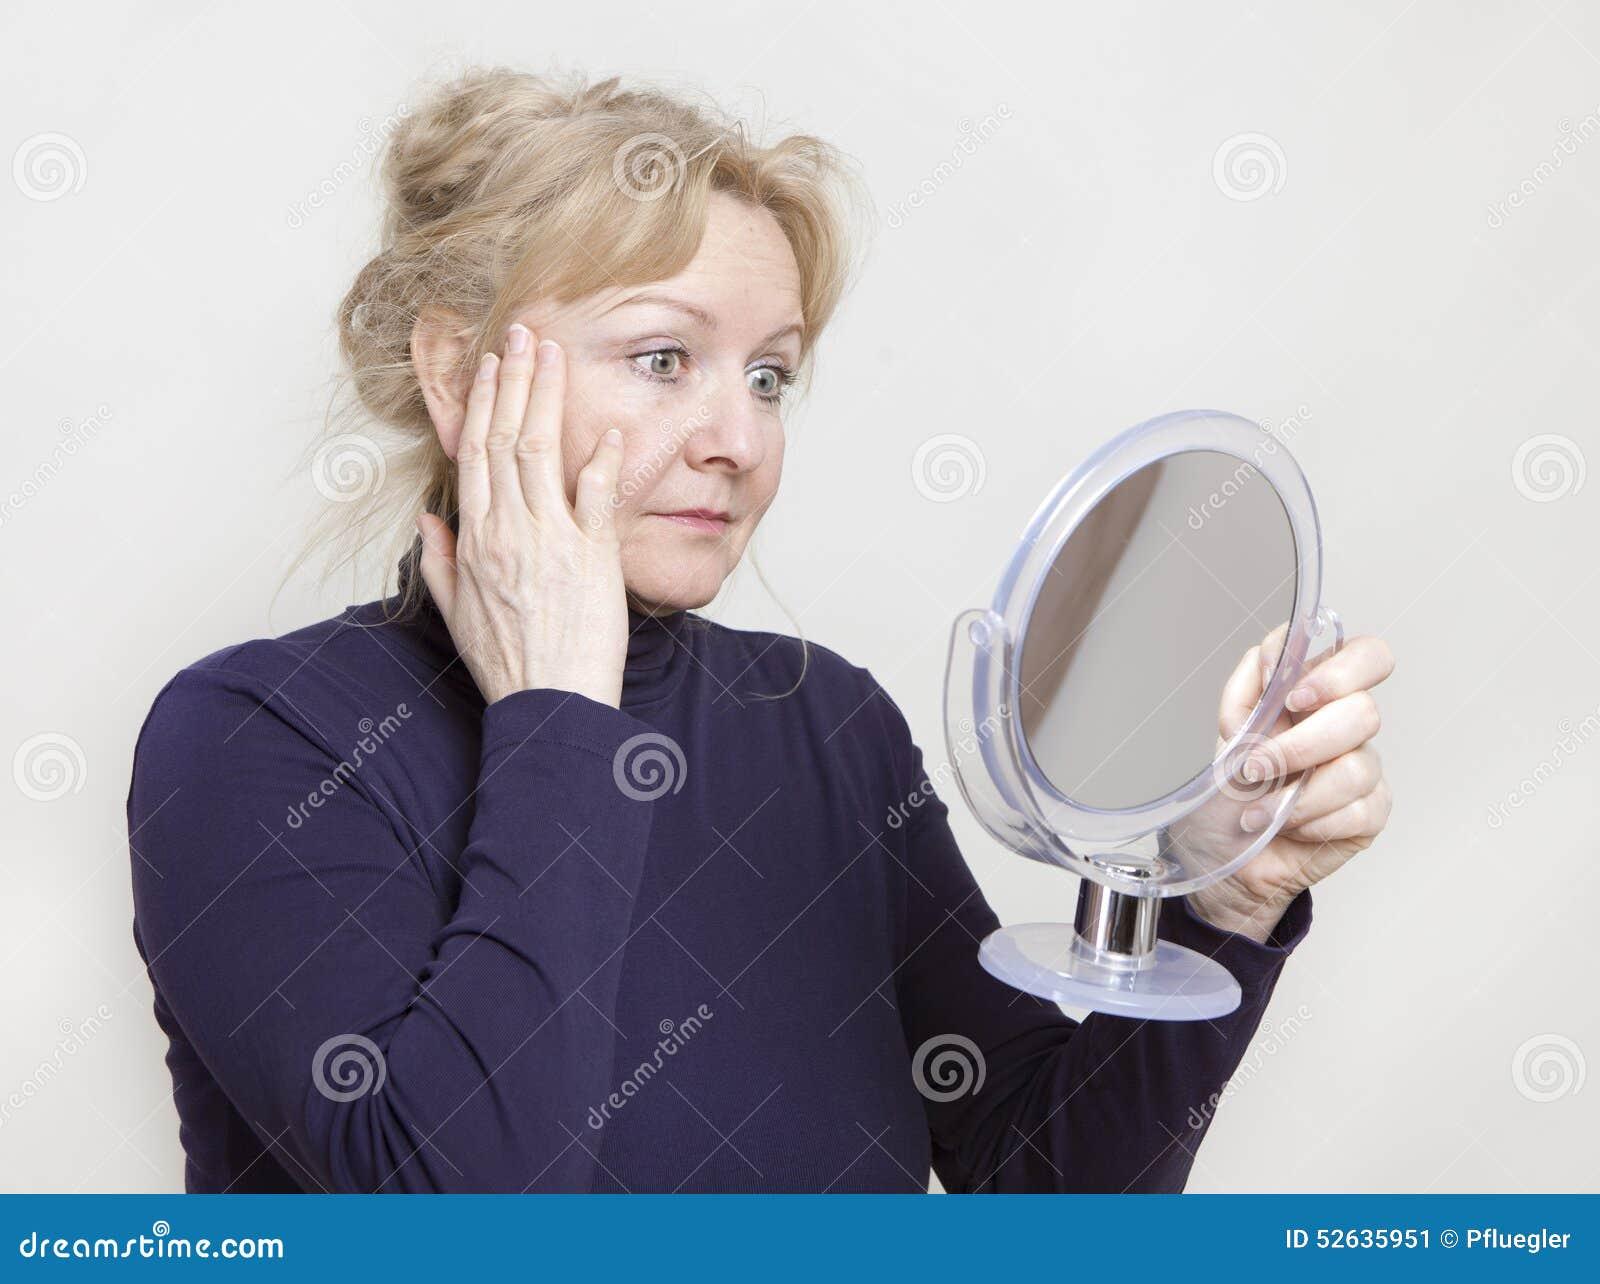 Regard sup rieur dans le miroir for Regard dans le miroir